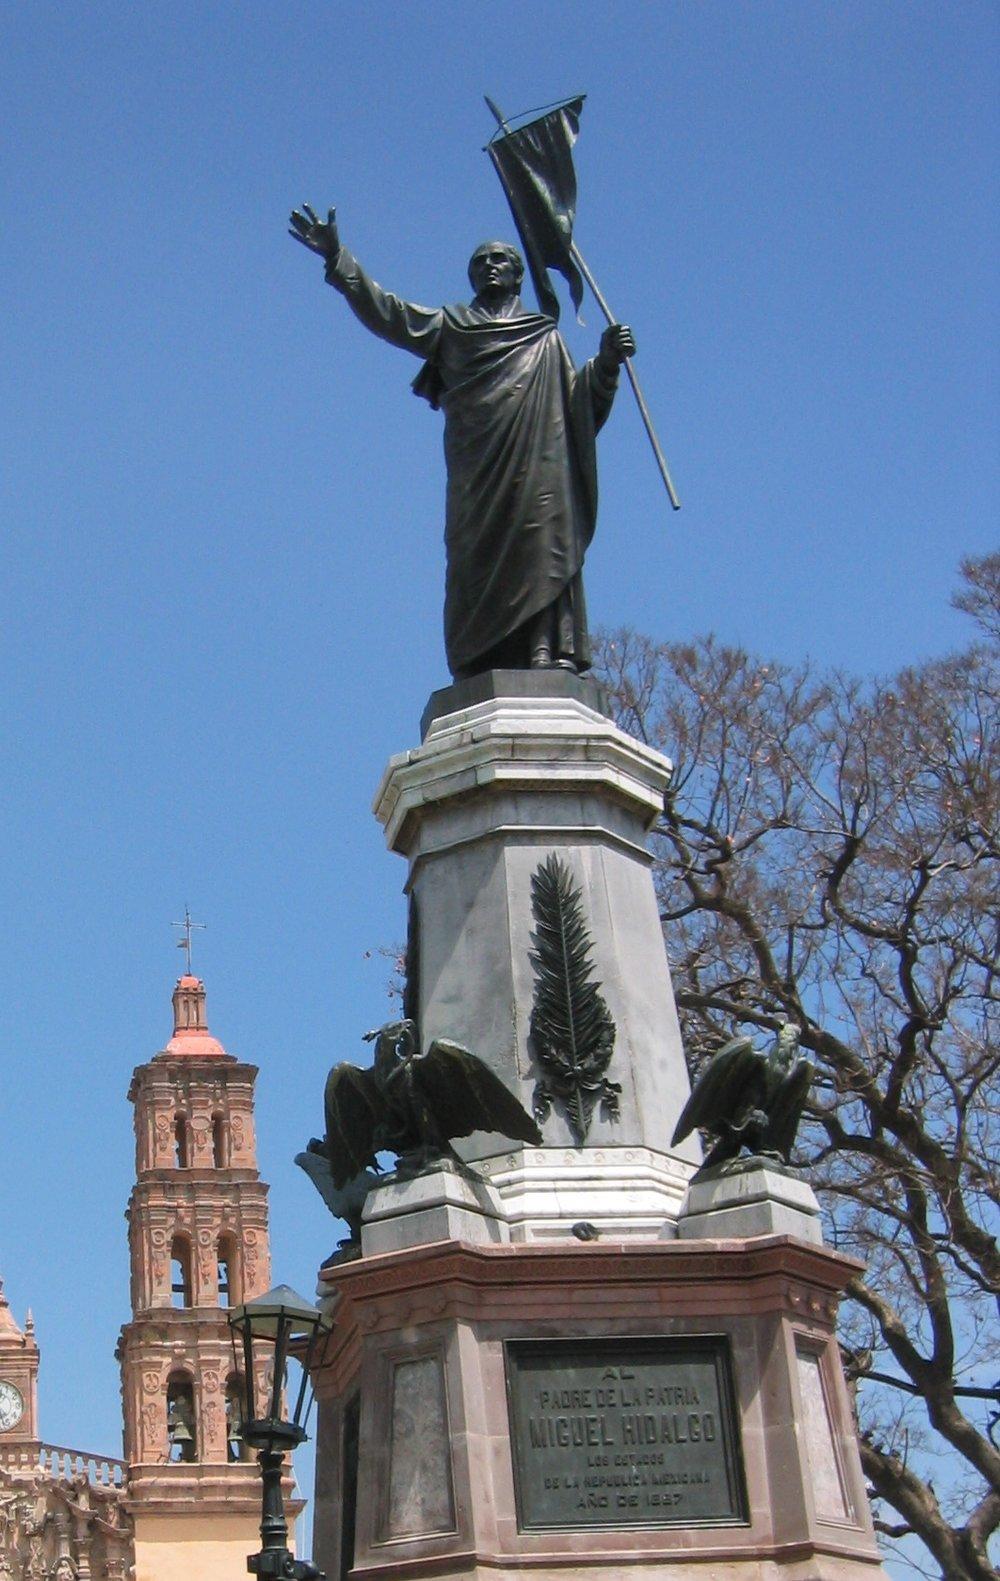 Statue of General and Priest Miguel Hidalgo y Costilla of Dolores Hidalgo Cuna de la Independencia Nacional